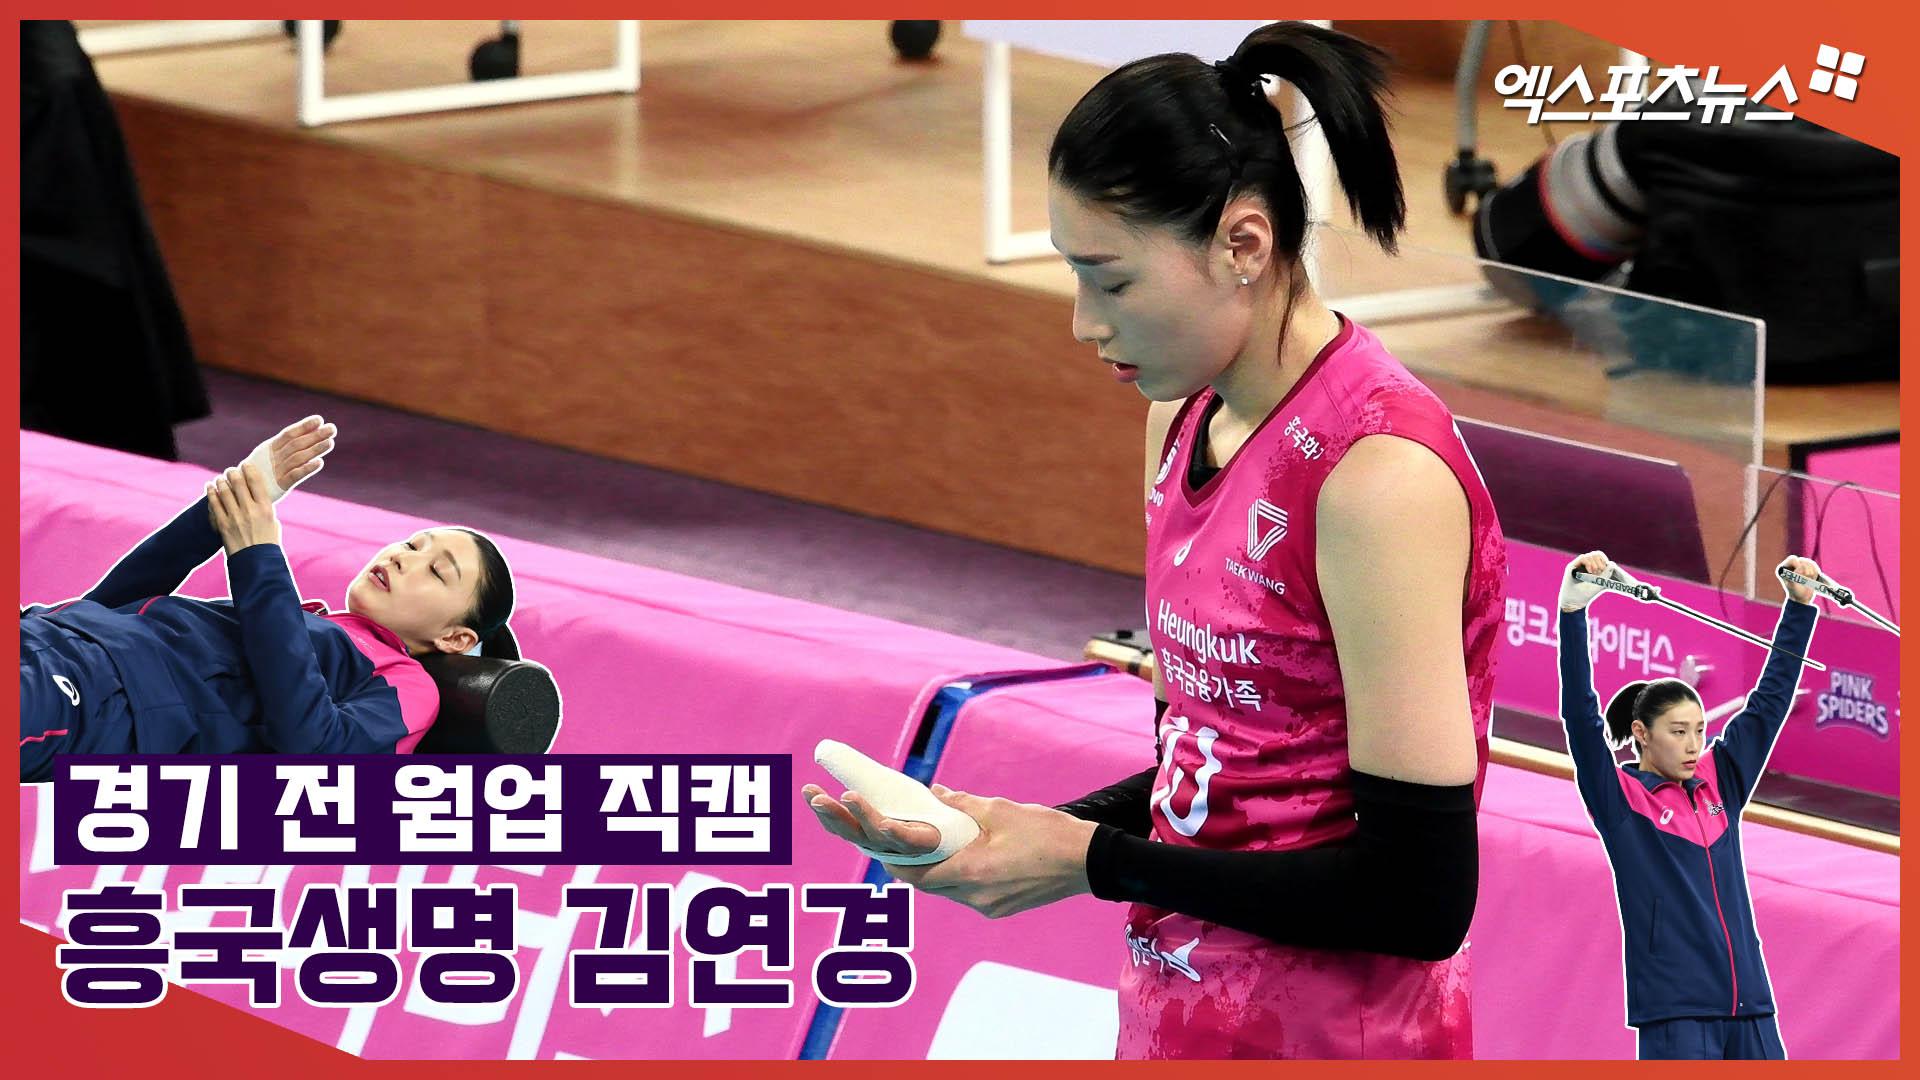 '부상 투혼' 김연경, 경기 전 웜업 직캠[엑's 스케치]